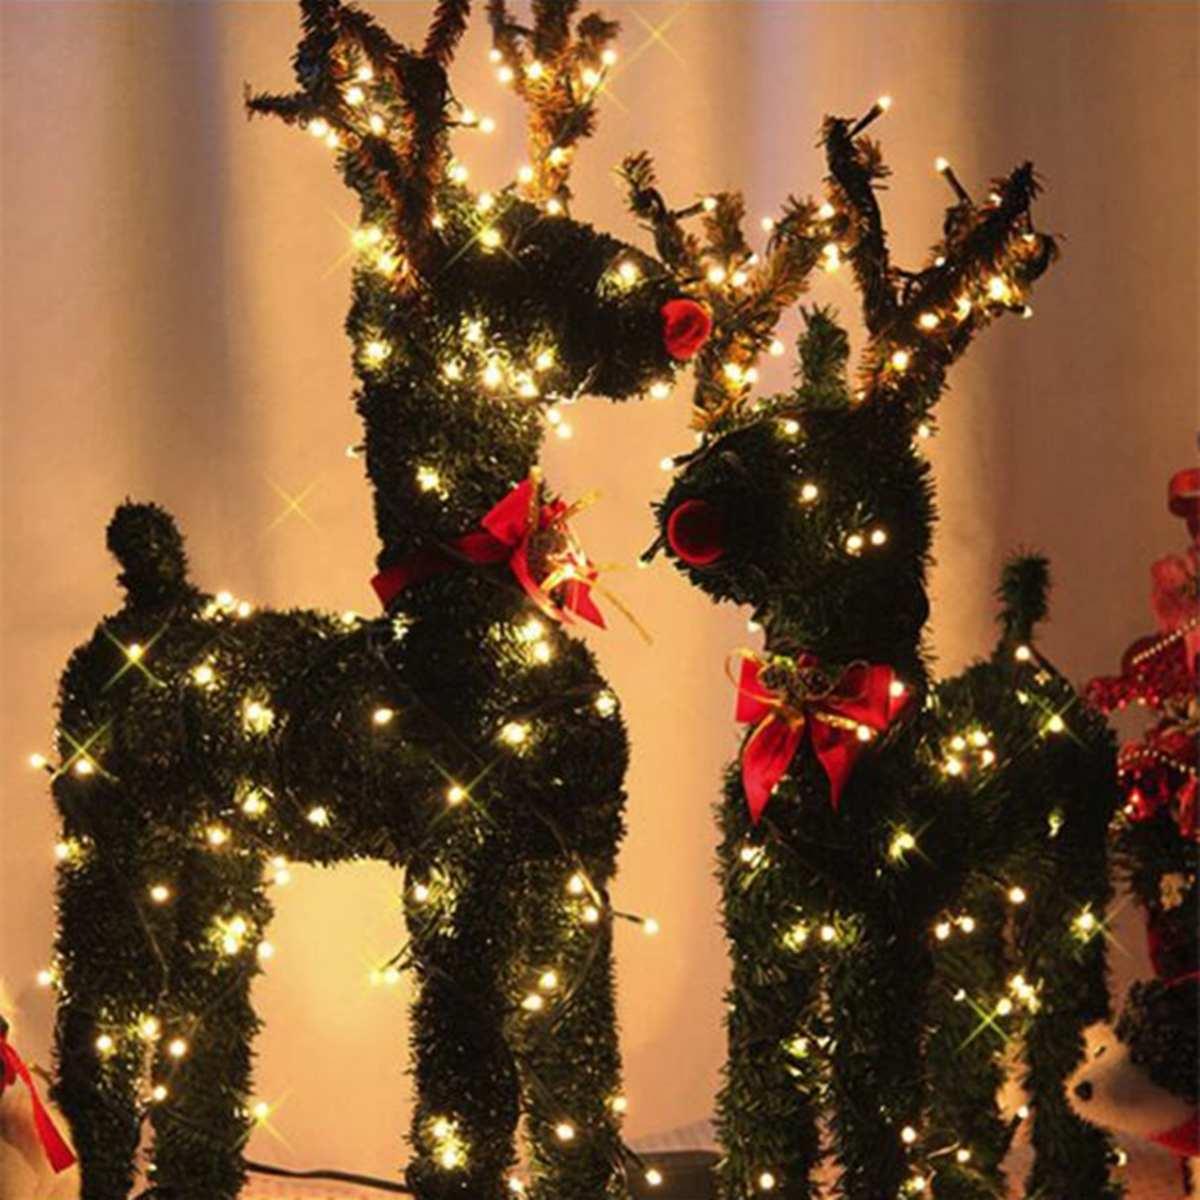 30/40/50/60 cm rena de natal do vintage com 10 m conduziu a luz do feriado grama artificial decoração eua plug cervos pingente ornamentos novo